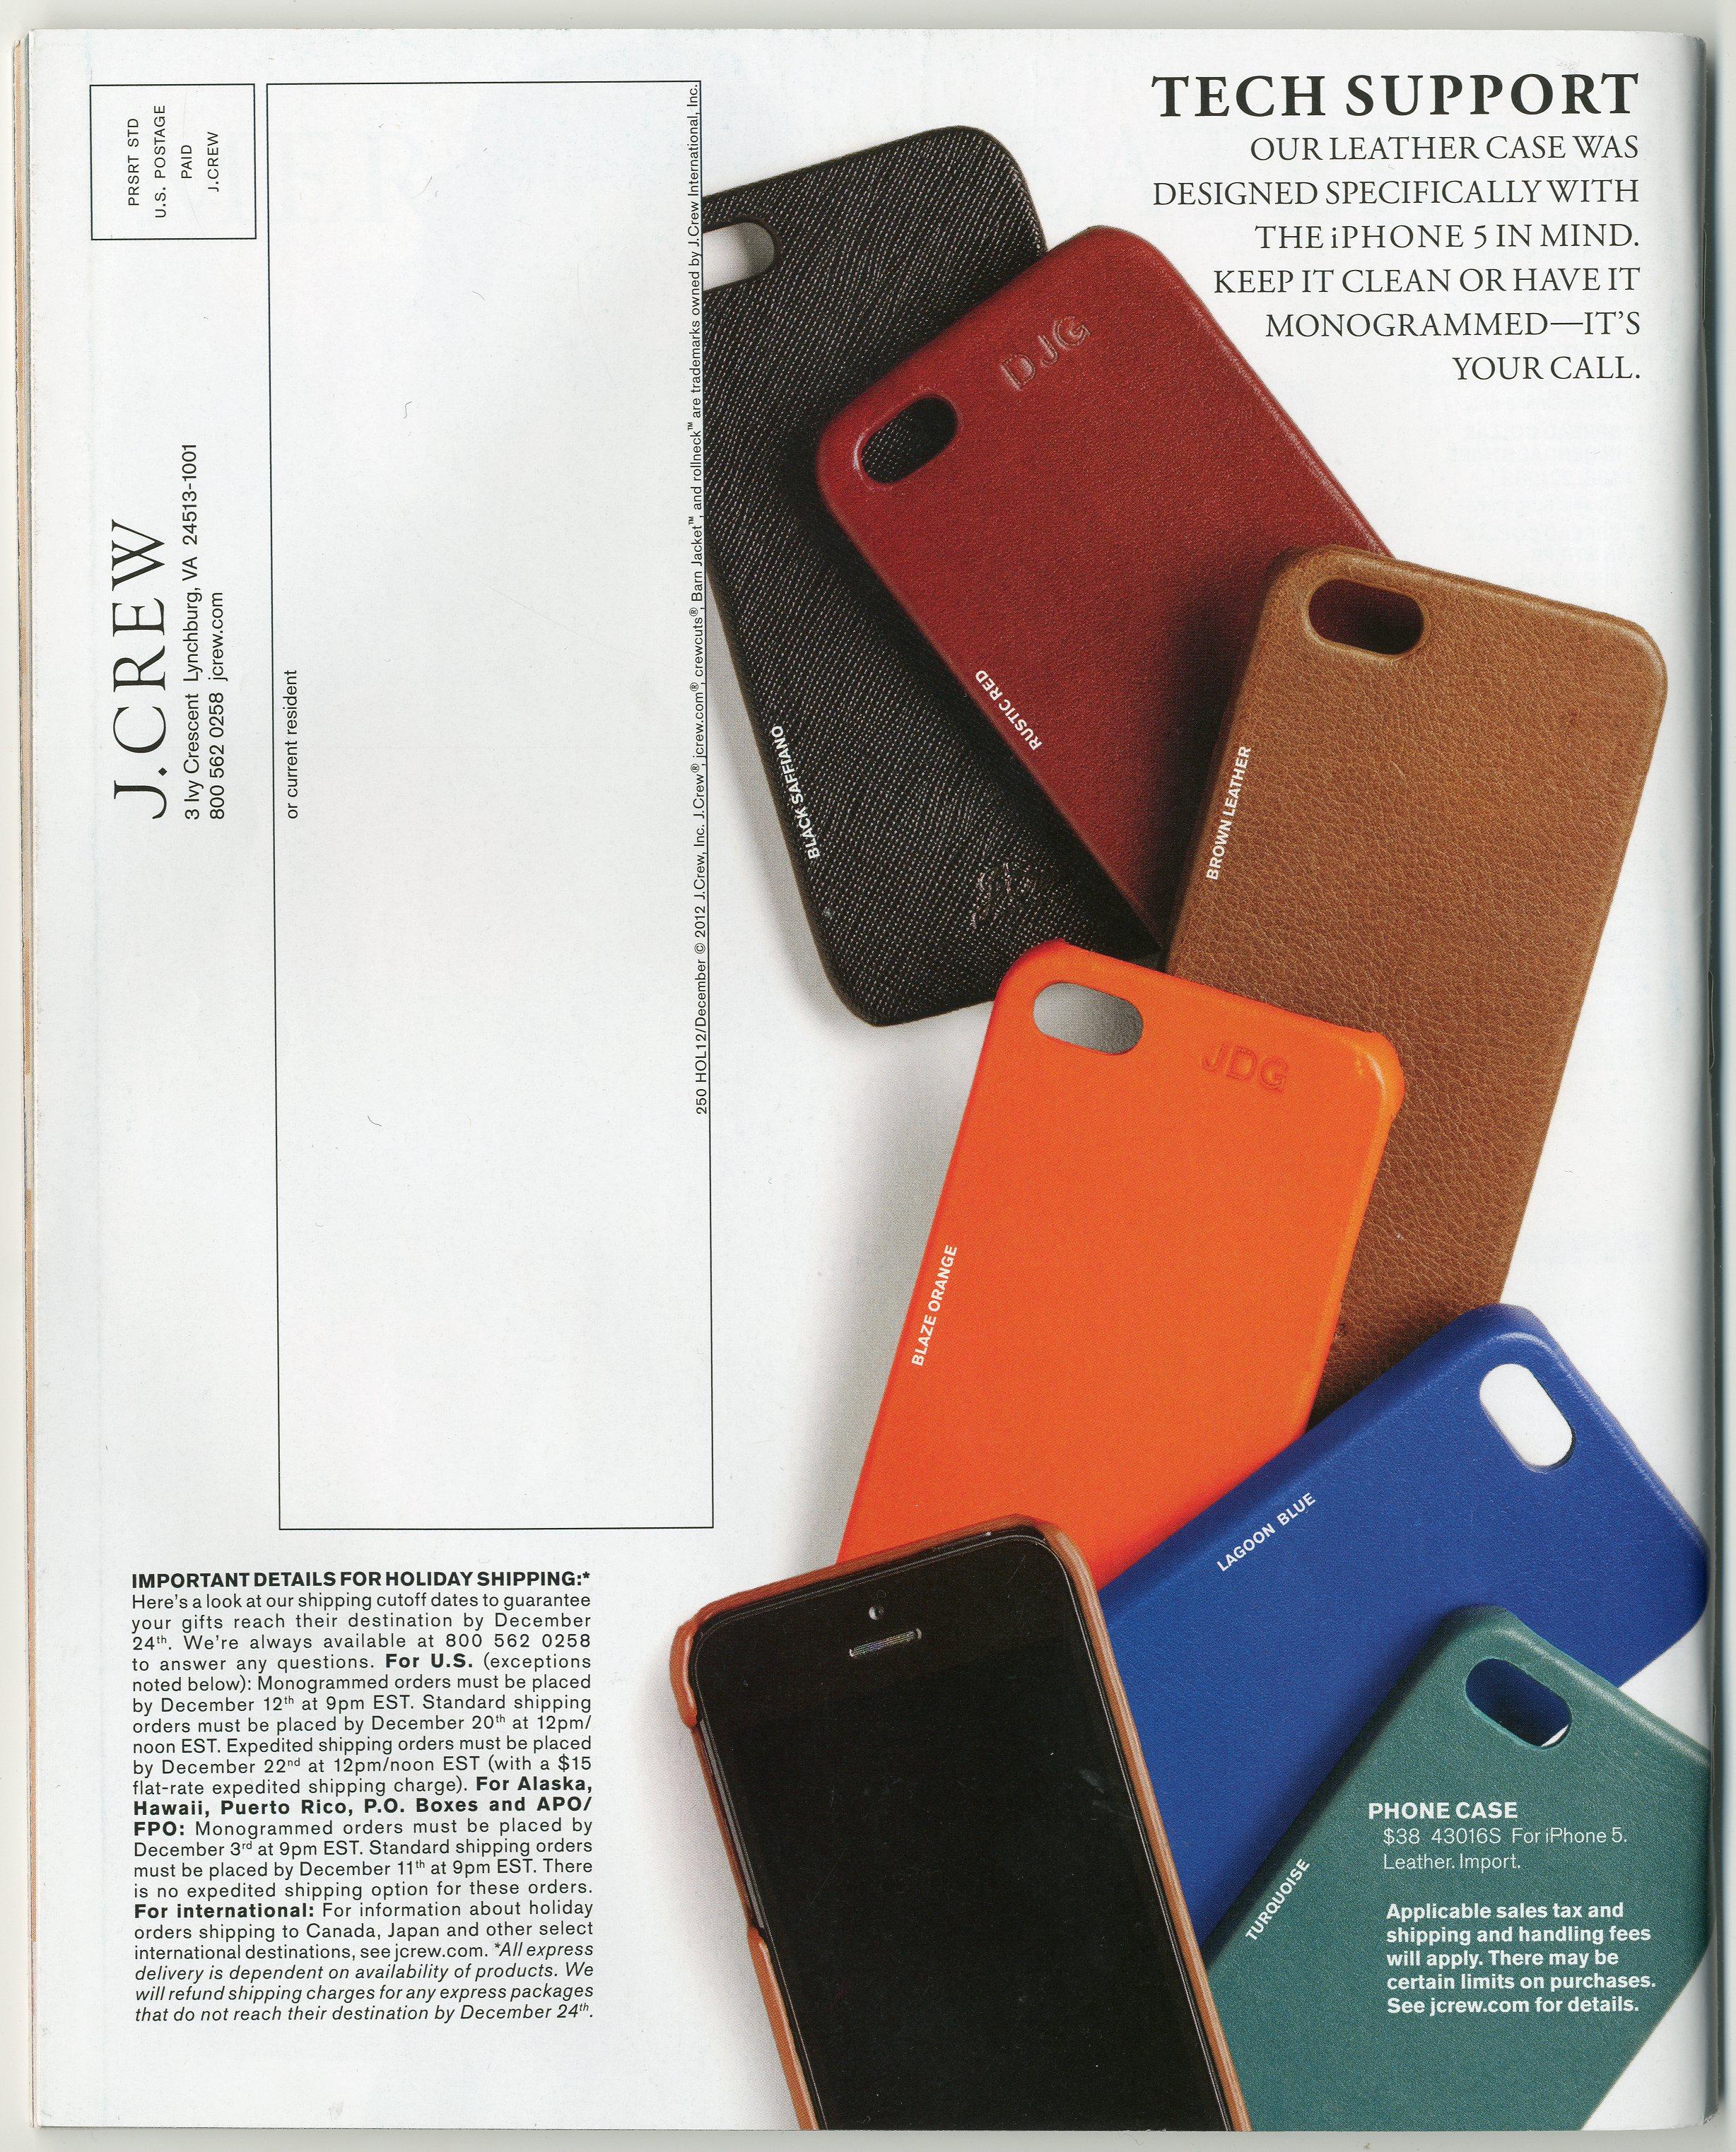 J Crew Leather iPhone Cases